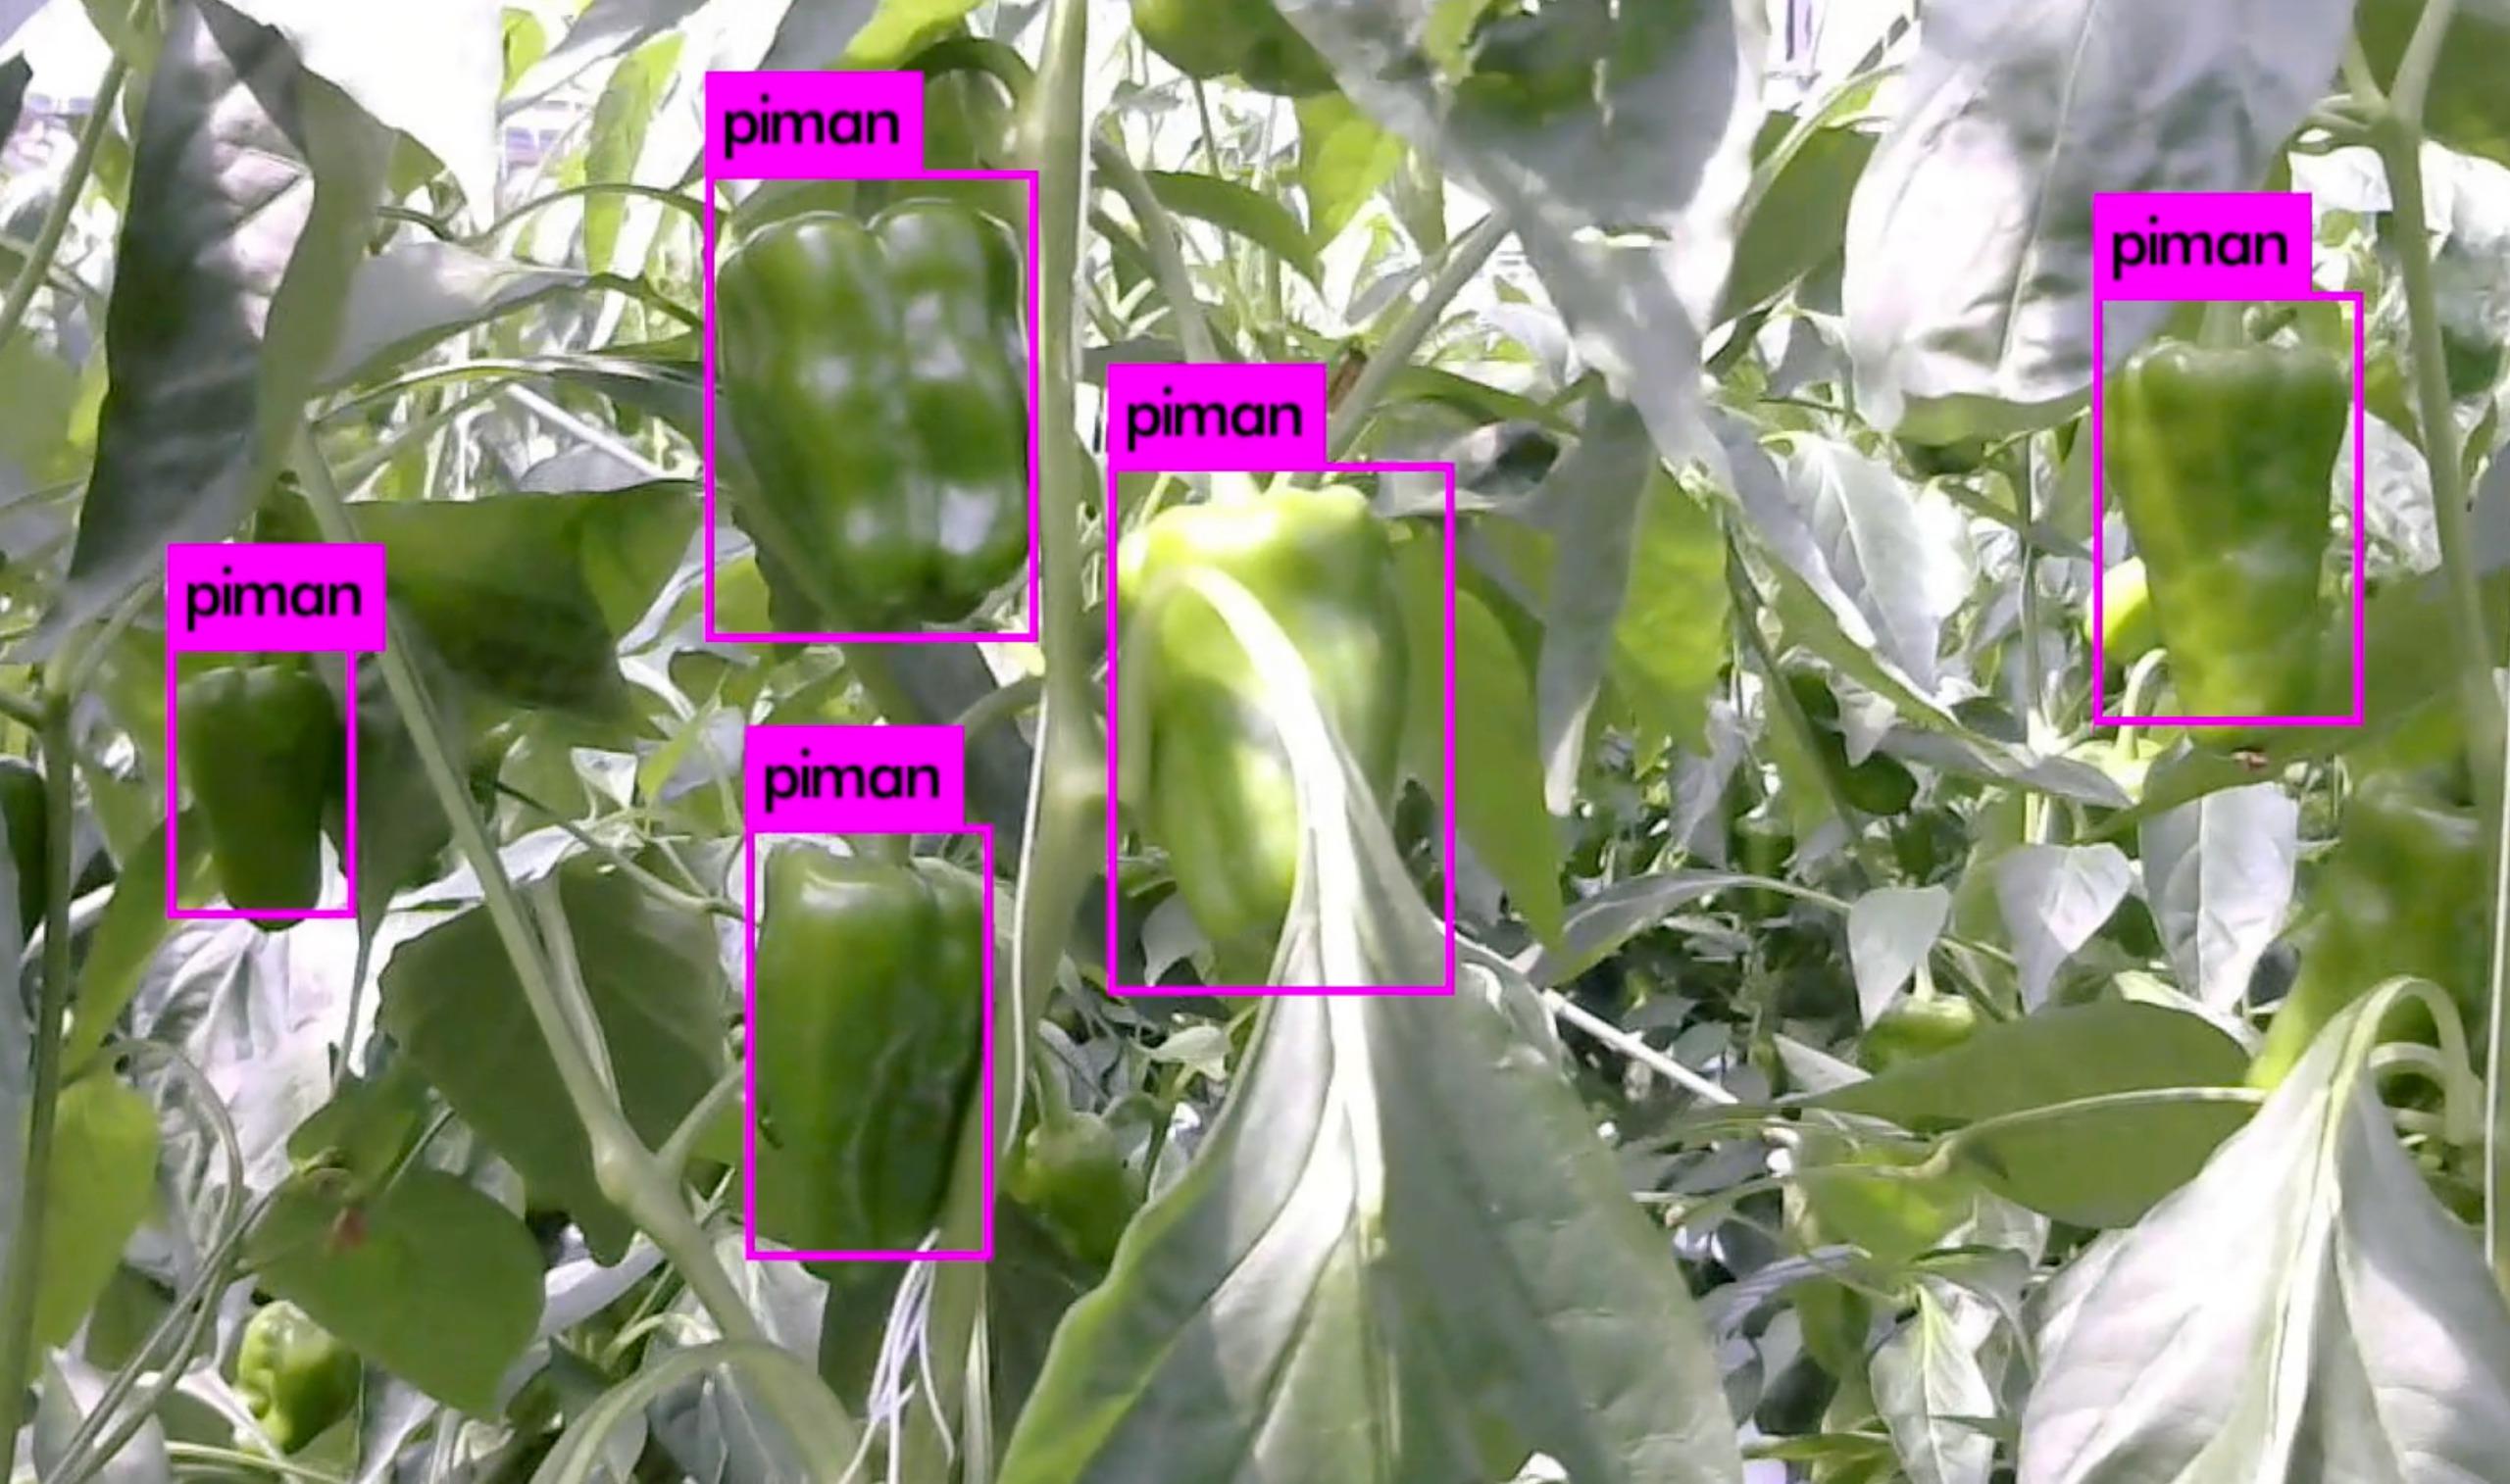 ロボットのカメラが農産物を認識する